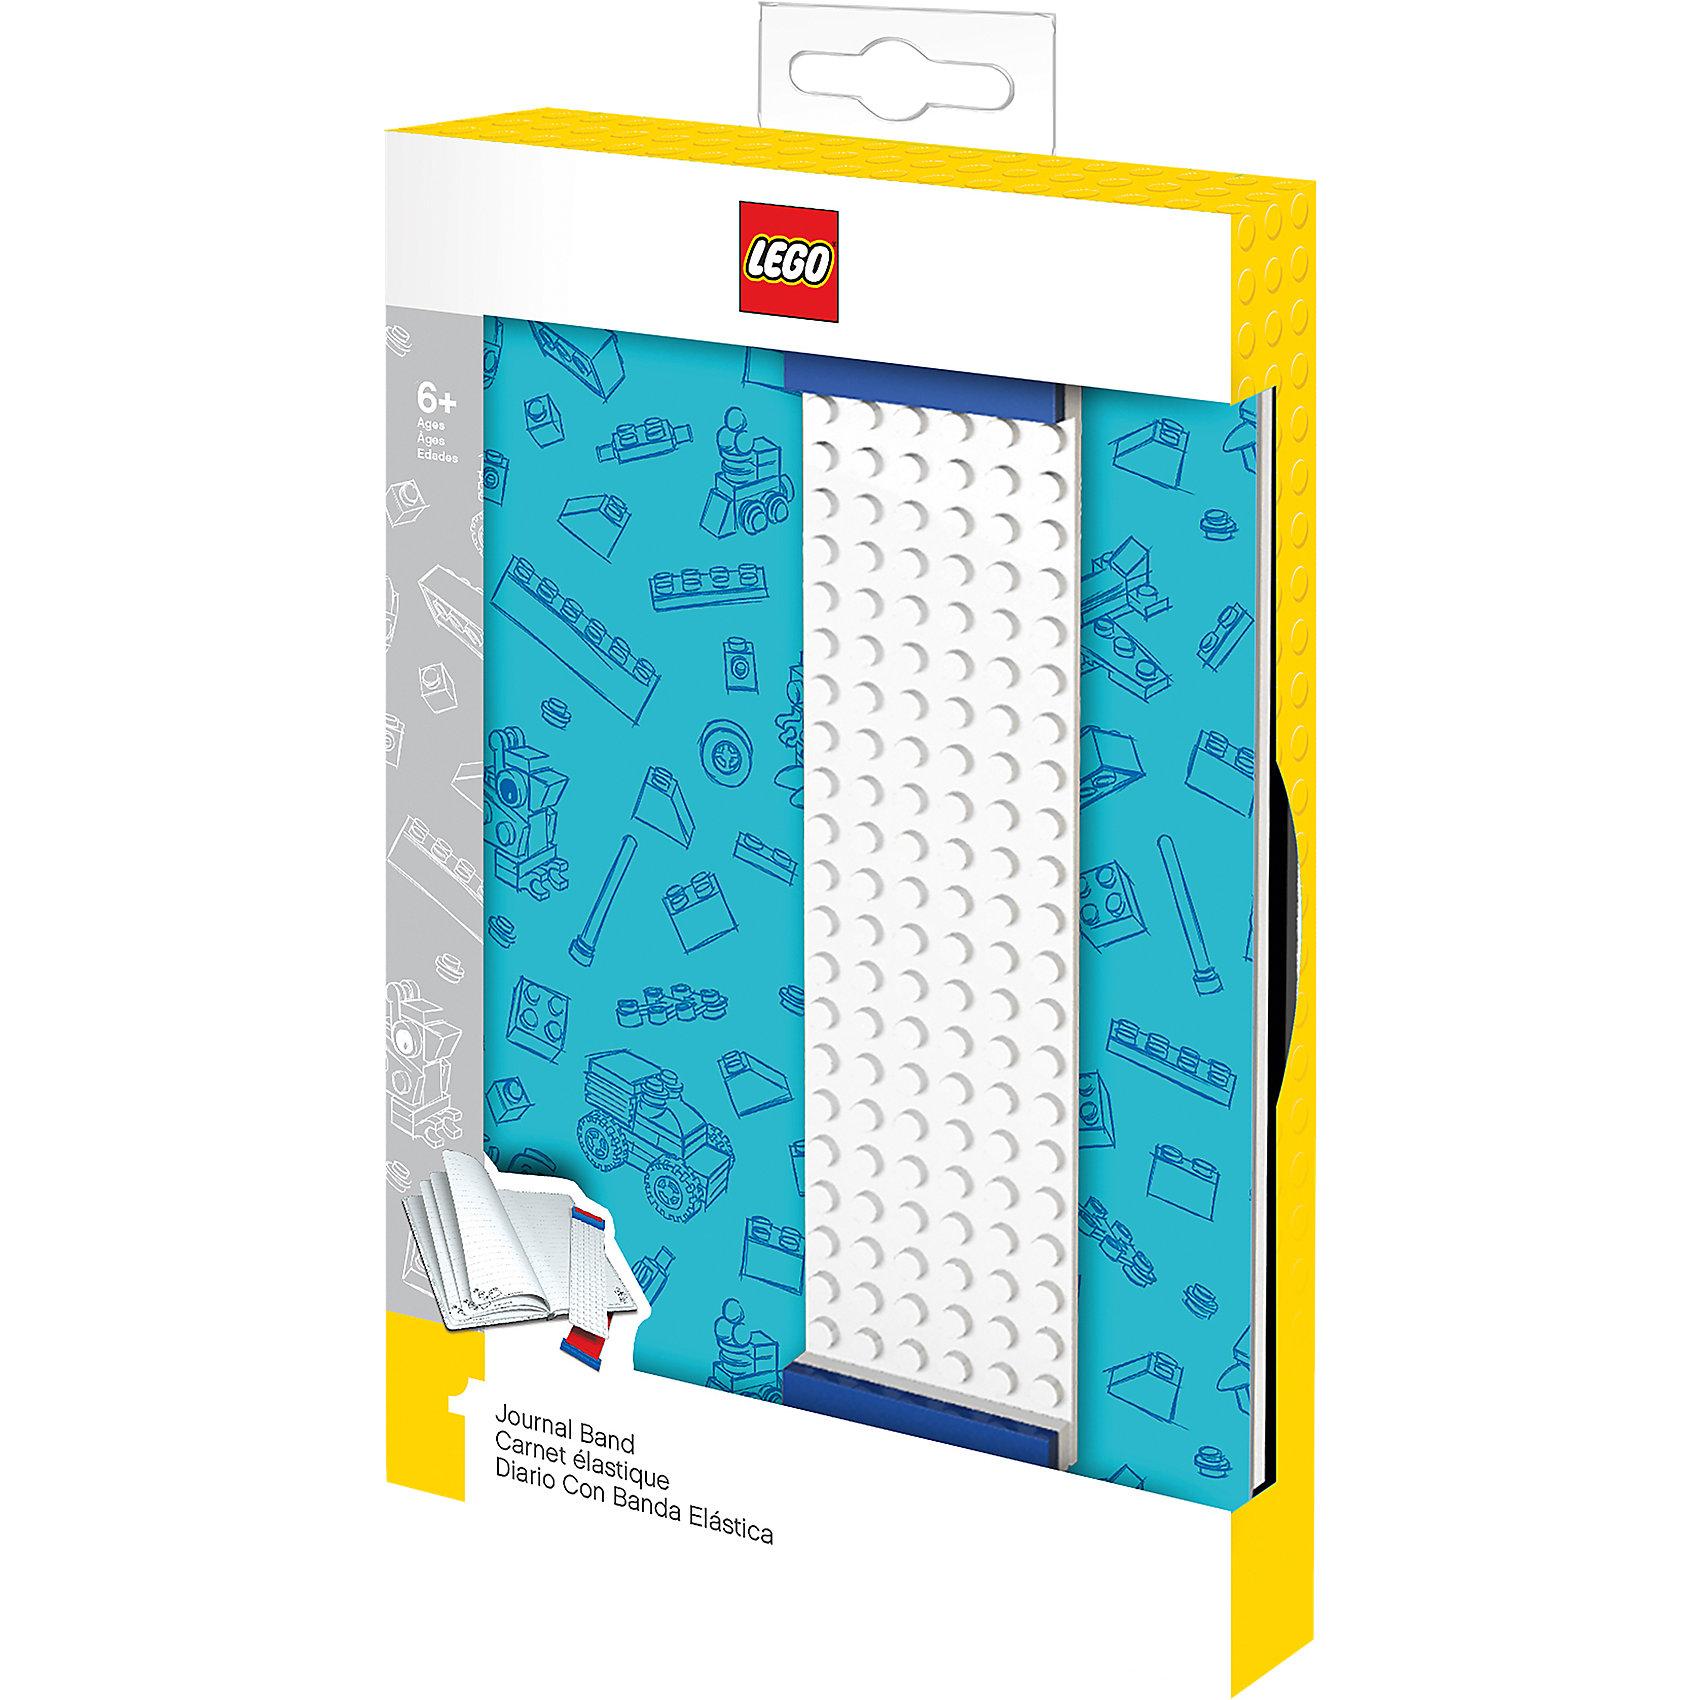 Записная книжка, 96 листов, линейка, с закладкой, цвет: голубой, LEGOLEGO Товары для фанатов<br>Оригинальную книгу для записей можно использовать в качестве ежедневника, блокнота для рисования, написания сочинений или важных событий. Закладка поможет не только найти необходимую запись, а также хранить ручку, маркер или карандаш вместе, ведь все канцелярские принадлежности скрепляются друг  с другом по принципу конструкторов LEGO.<br><br>Ширина мм: 223<br>Глубина мм: 154<br>Высота мм: 35<br>Вес г: 399<br>Возраст от месяцев: 72<br>Возраст до месяцев: 144<br>Пол: Унисекс<br>Возраст: Детский<br>SKU: 5529375